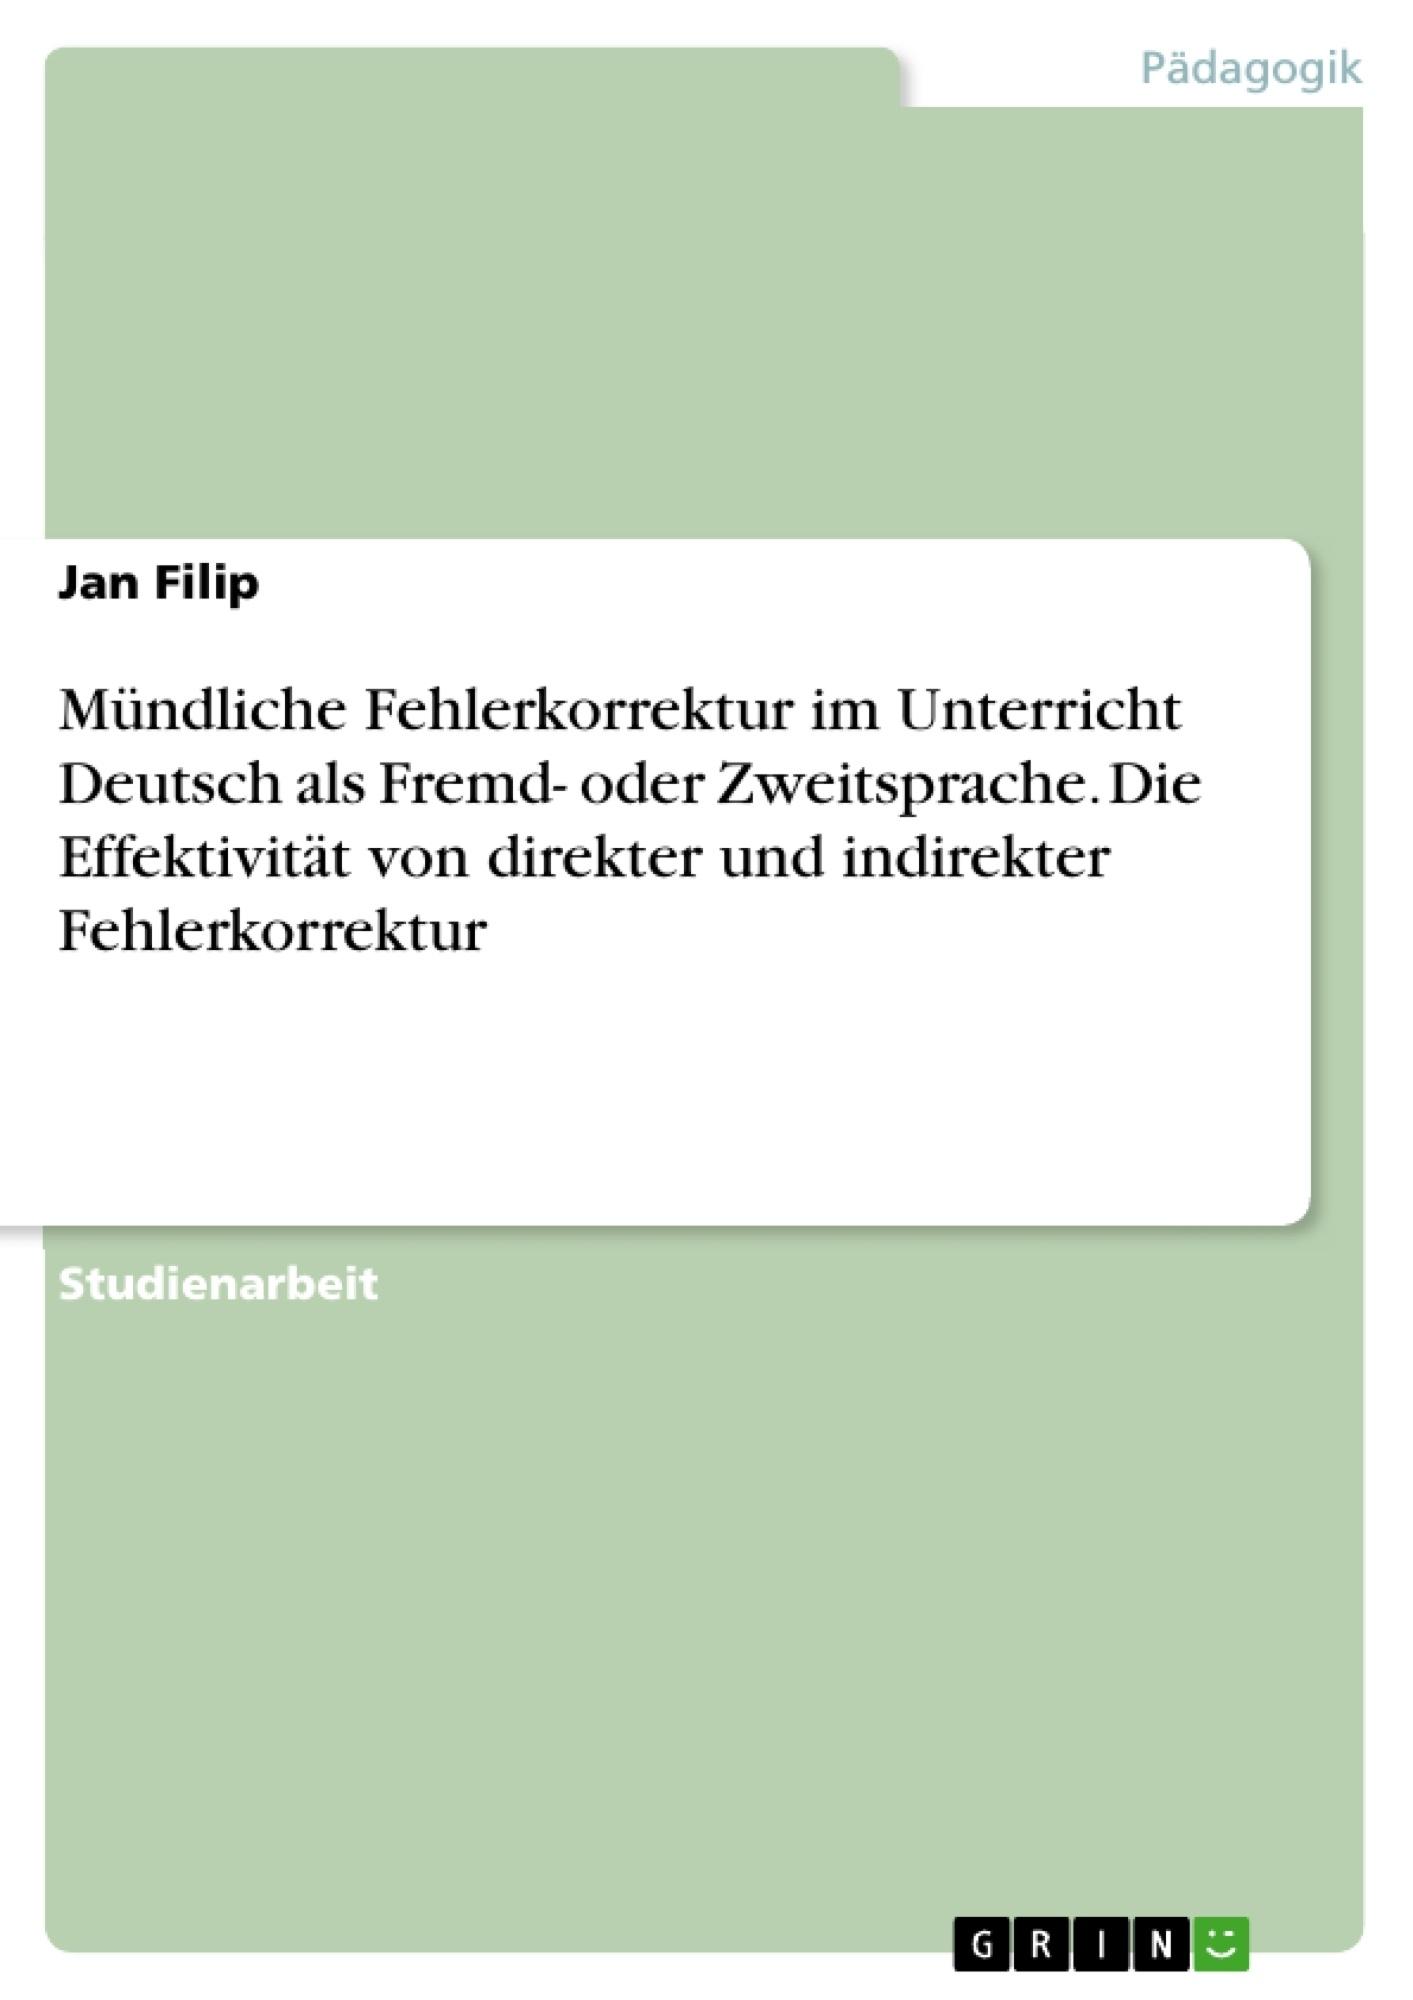 Titel: Mündliche Fehlerkorrektur im Unterricht Deutsch als Fremd- oder Zweitsprache. Die Effektivität von direkter und indirekter Fehlerkorrektur